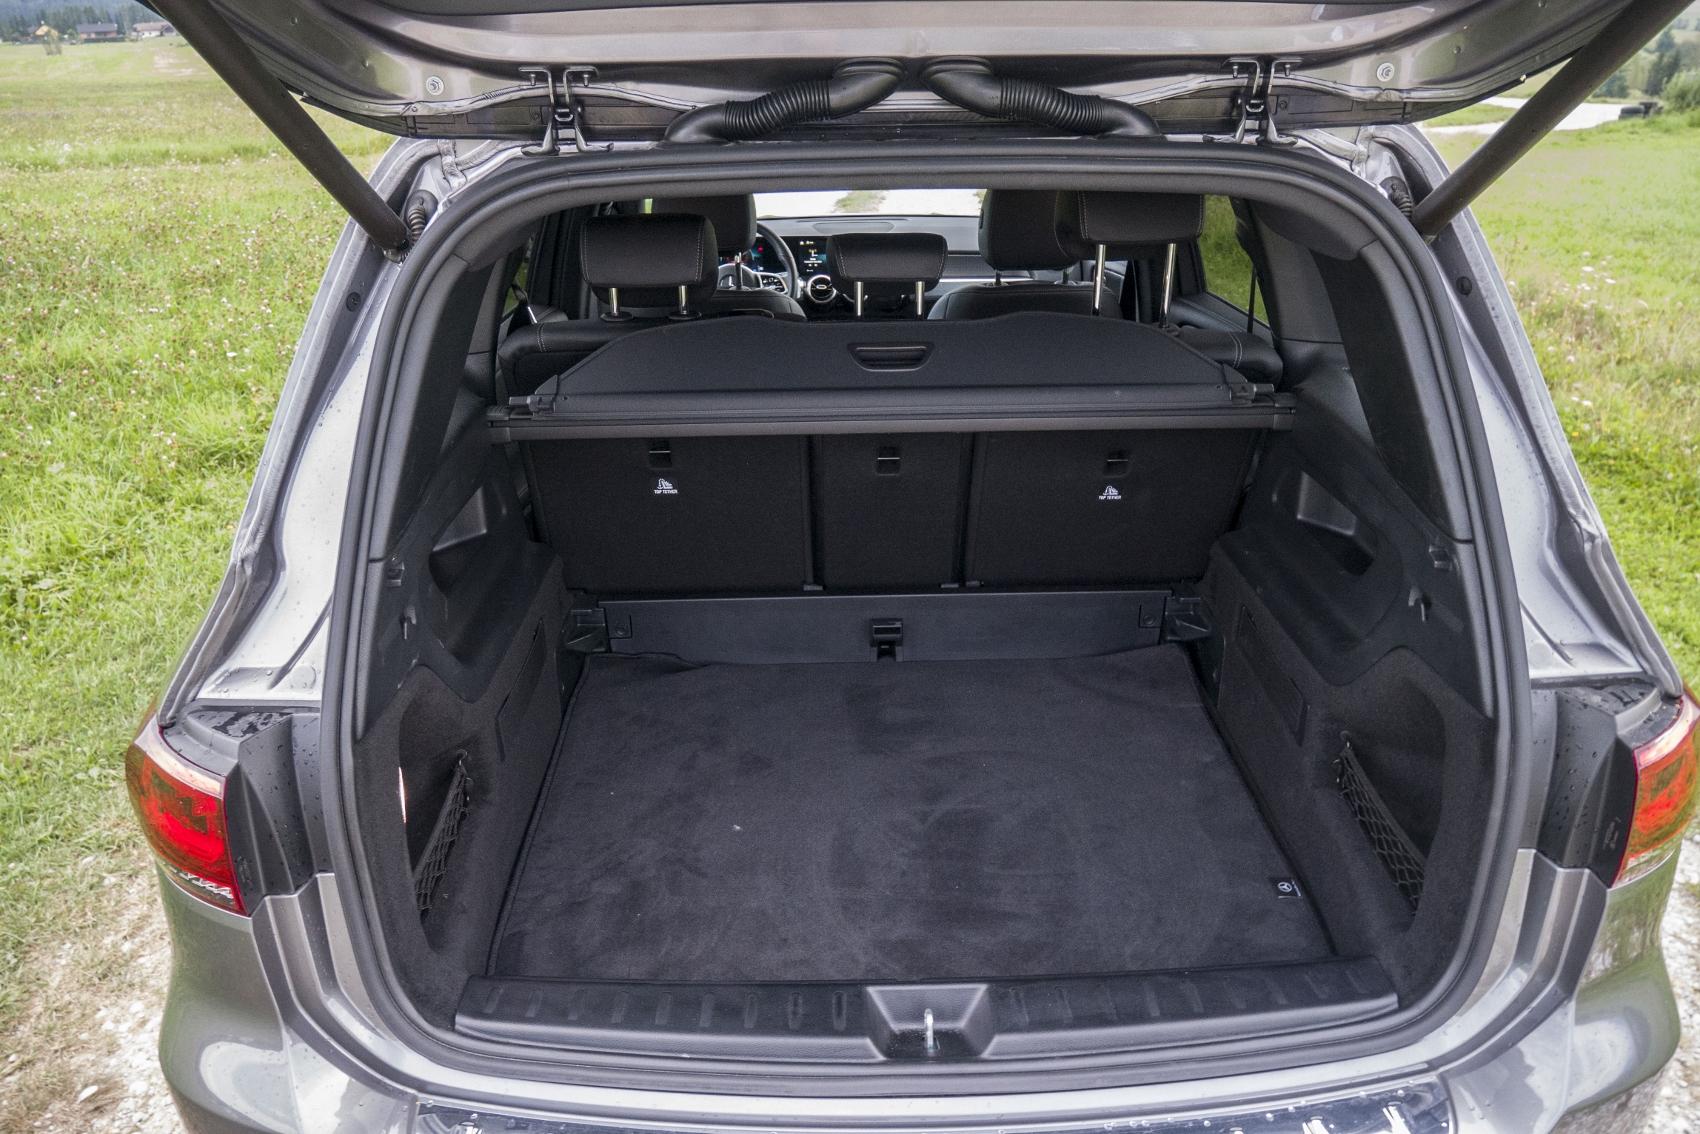 Test: Mercedes GLB 200 ponúka veľký priestor v malom balení B35LI6RmWk mercedes-glb-21-1700x1134